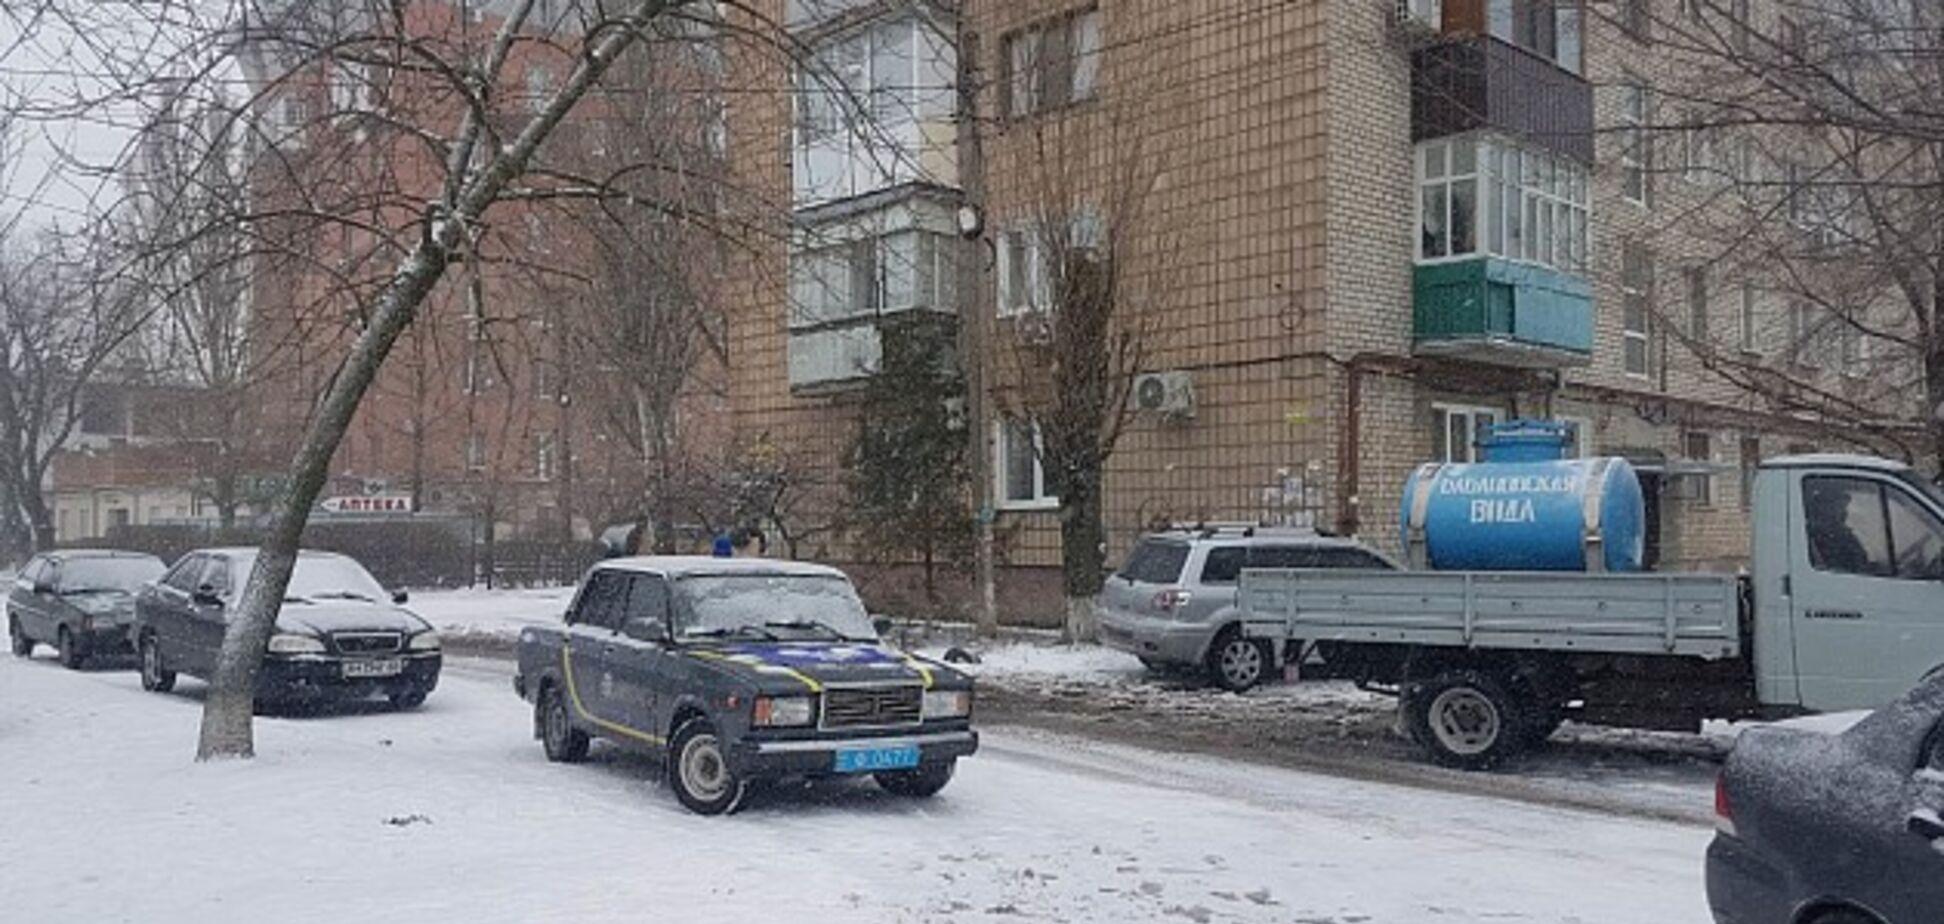 Тяжелые ранения: в Бердянске преступник подорвал гранатой троих полицейских